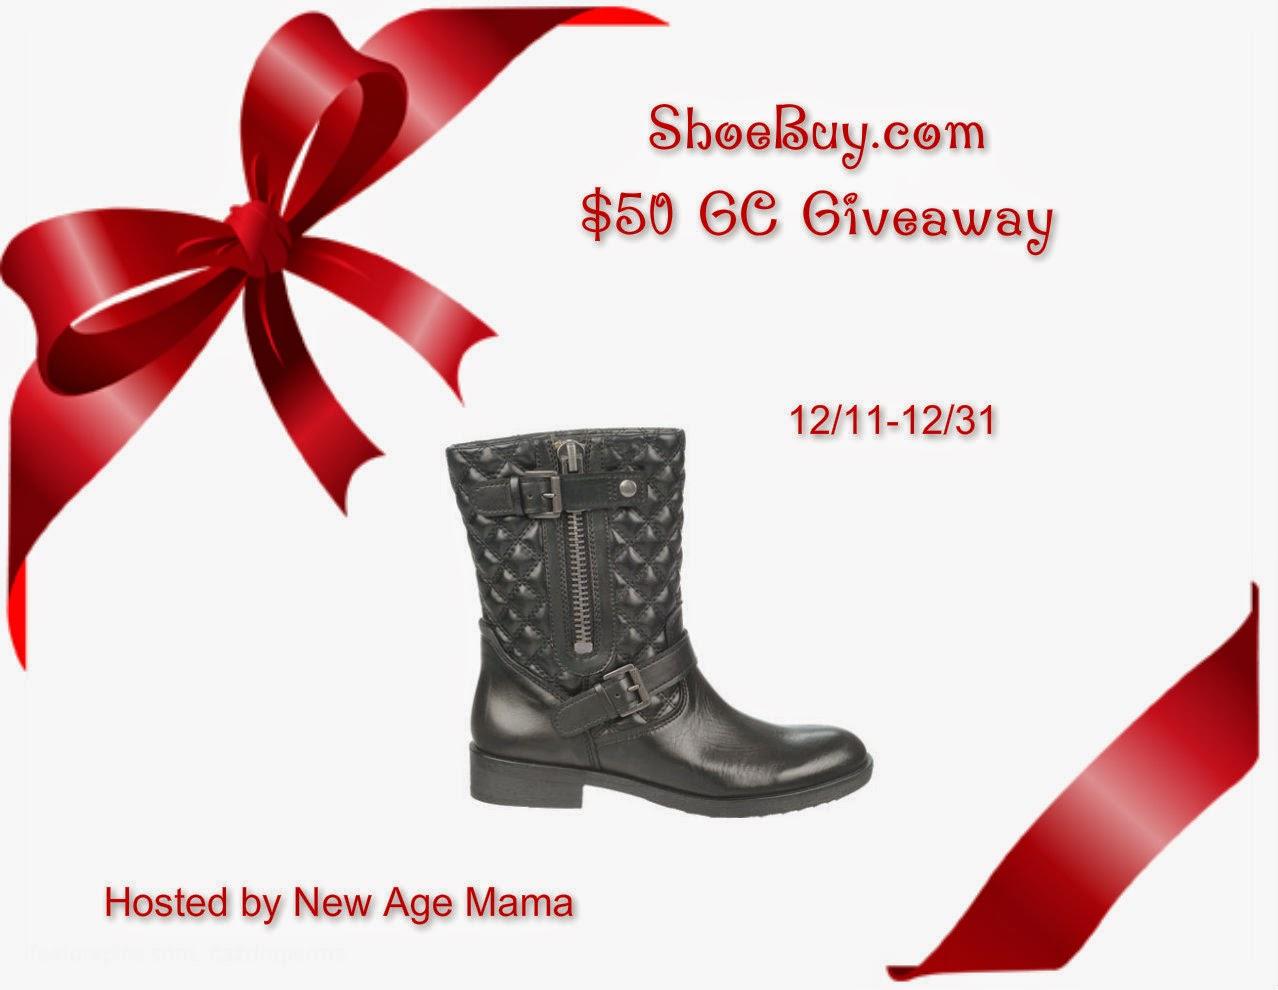 $50 ShoeBuy Gift Card Giveaway